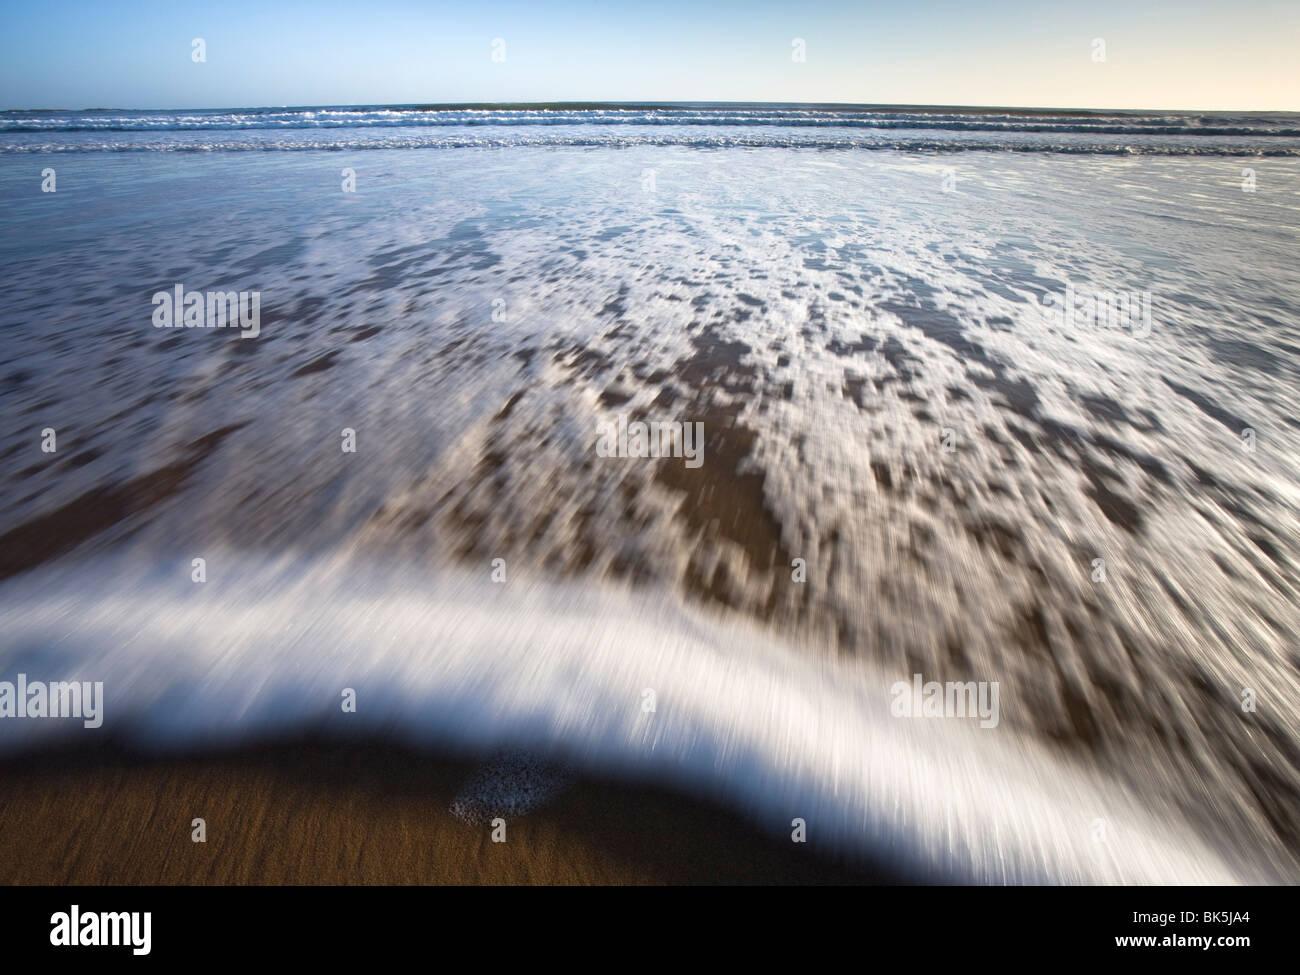 Surf lavaggio fino alla spiaggia, Embleton Bay, Northumberland, England, Regno Unito, Europa Immagini Stock